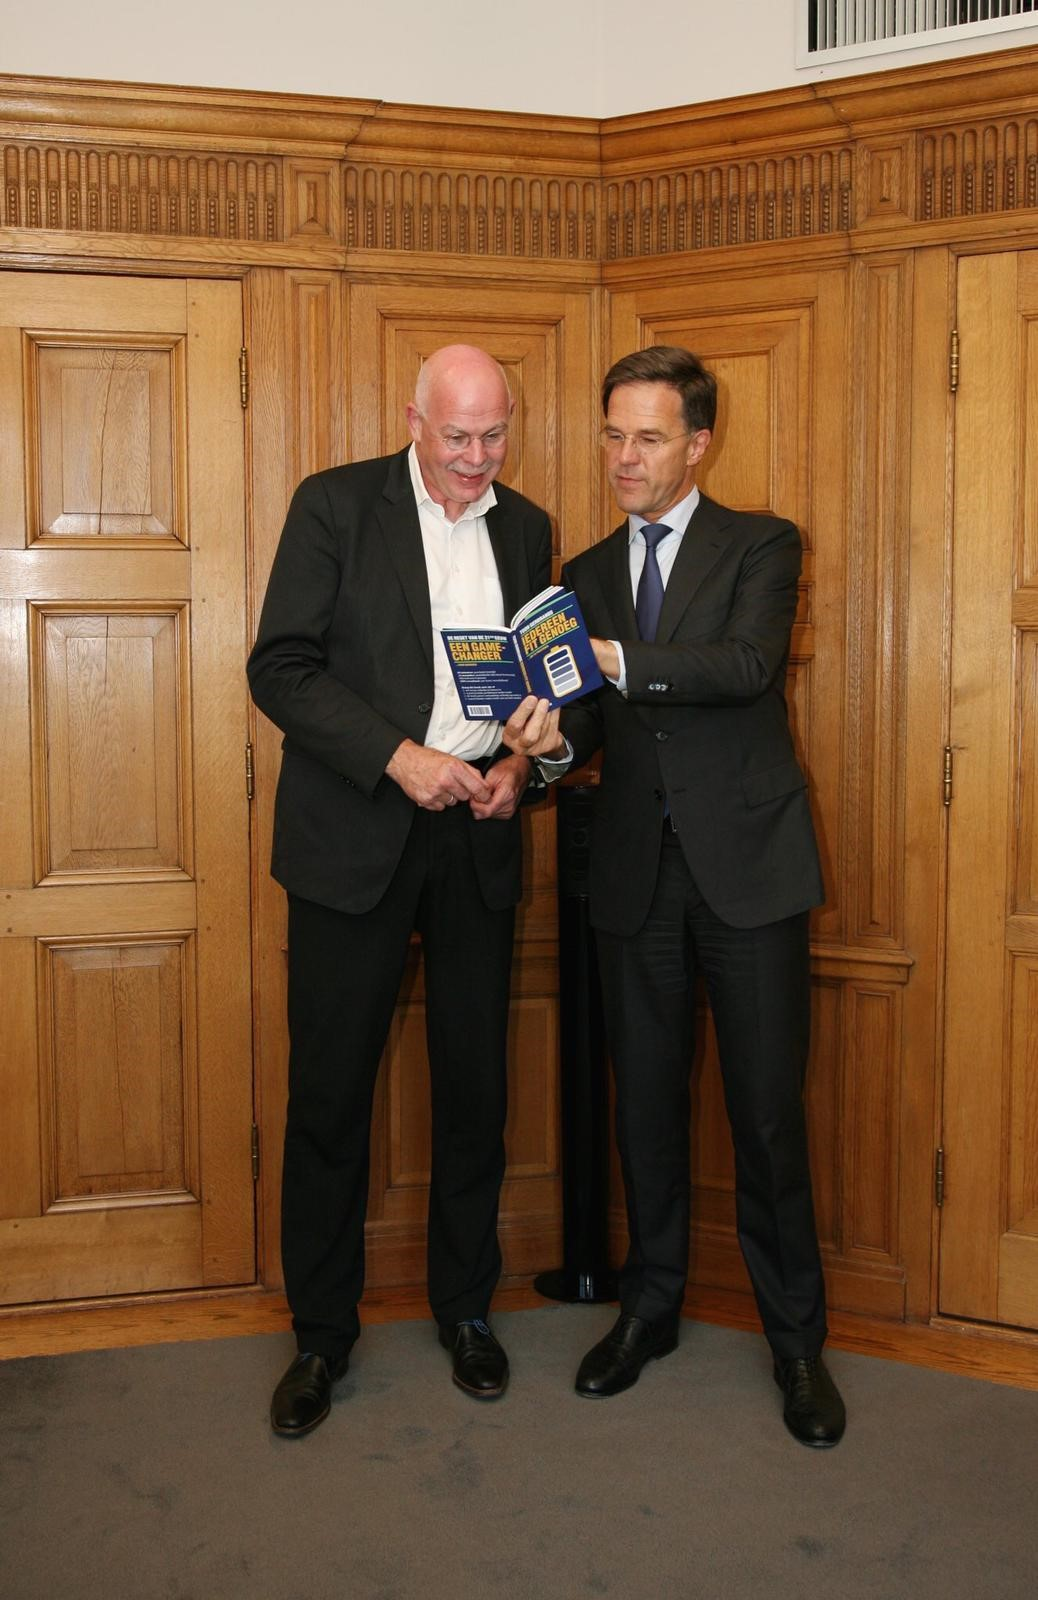 dit is een foto van Toon Gerbrands met Mark Rutte, waarin minister president mark rutte voorleest uit een vand eboeken van Toon gerbrands die directeur van PSV is. Samen eenvoudig vooruit blijven gaan.